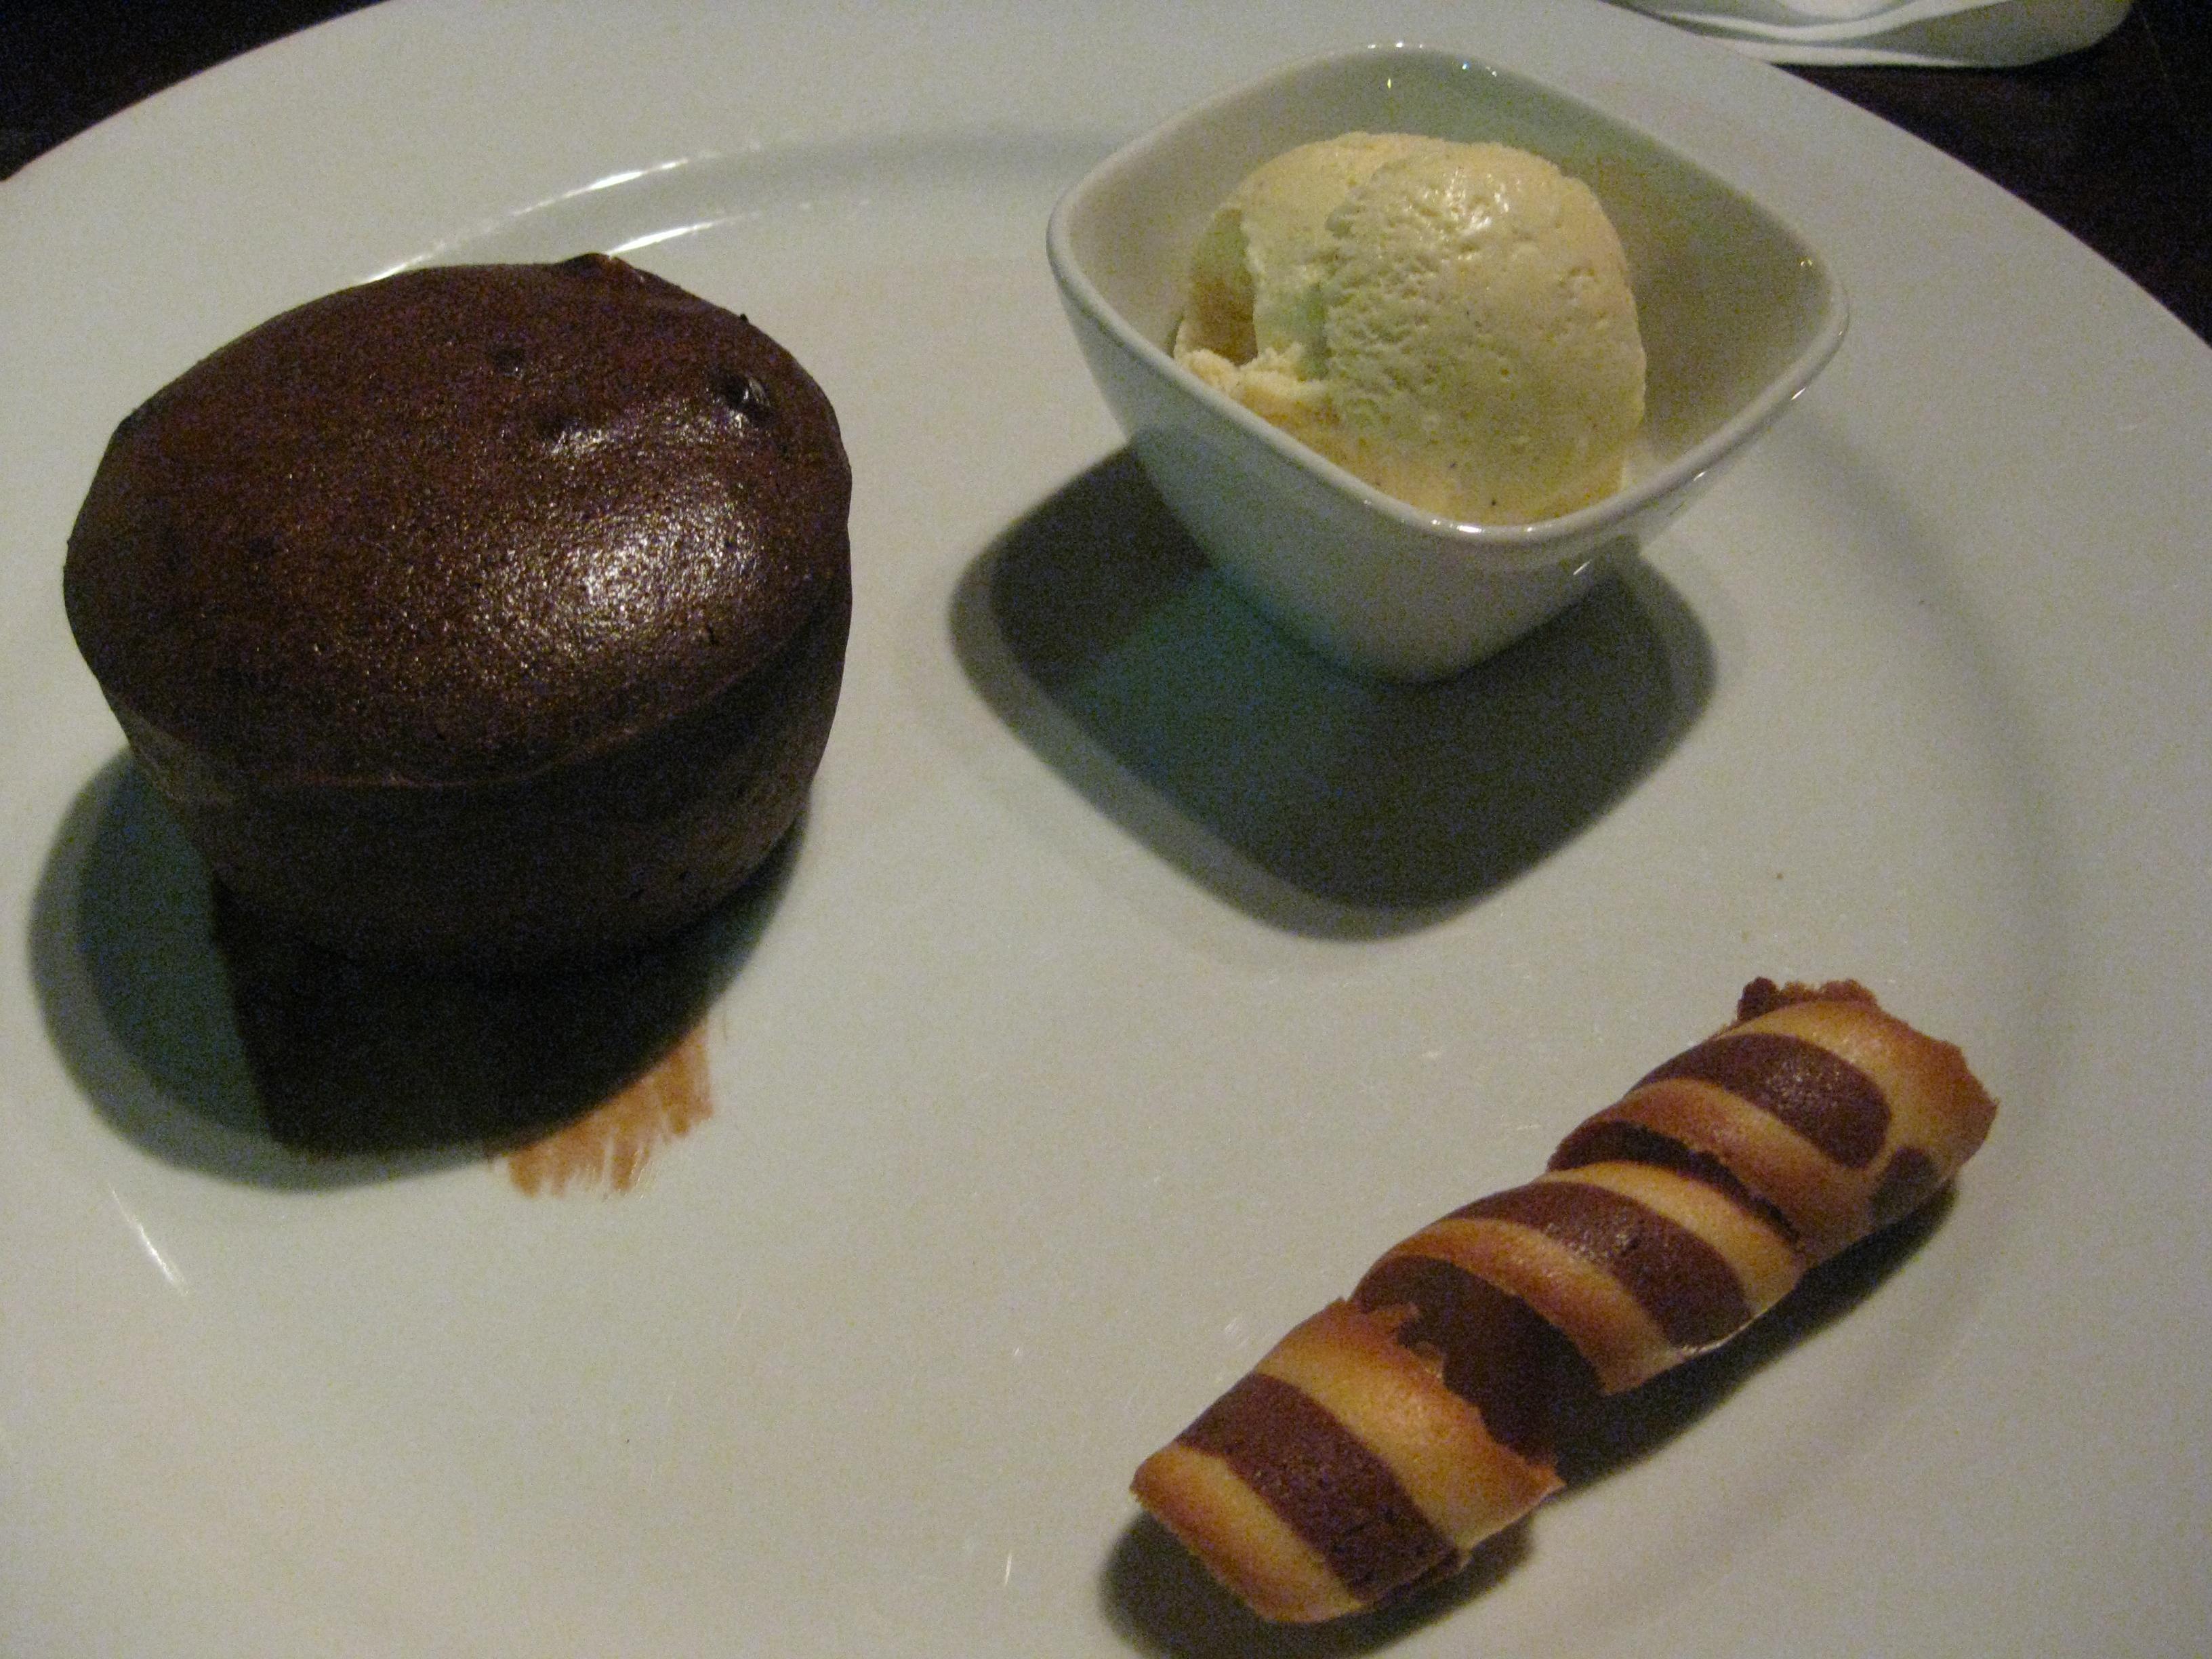 Chochlate fondant a.k.a. chocolate lava cake